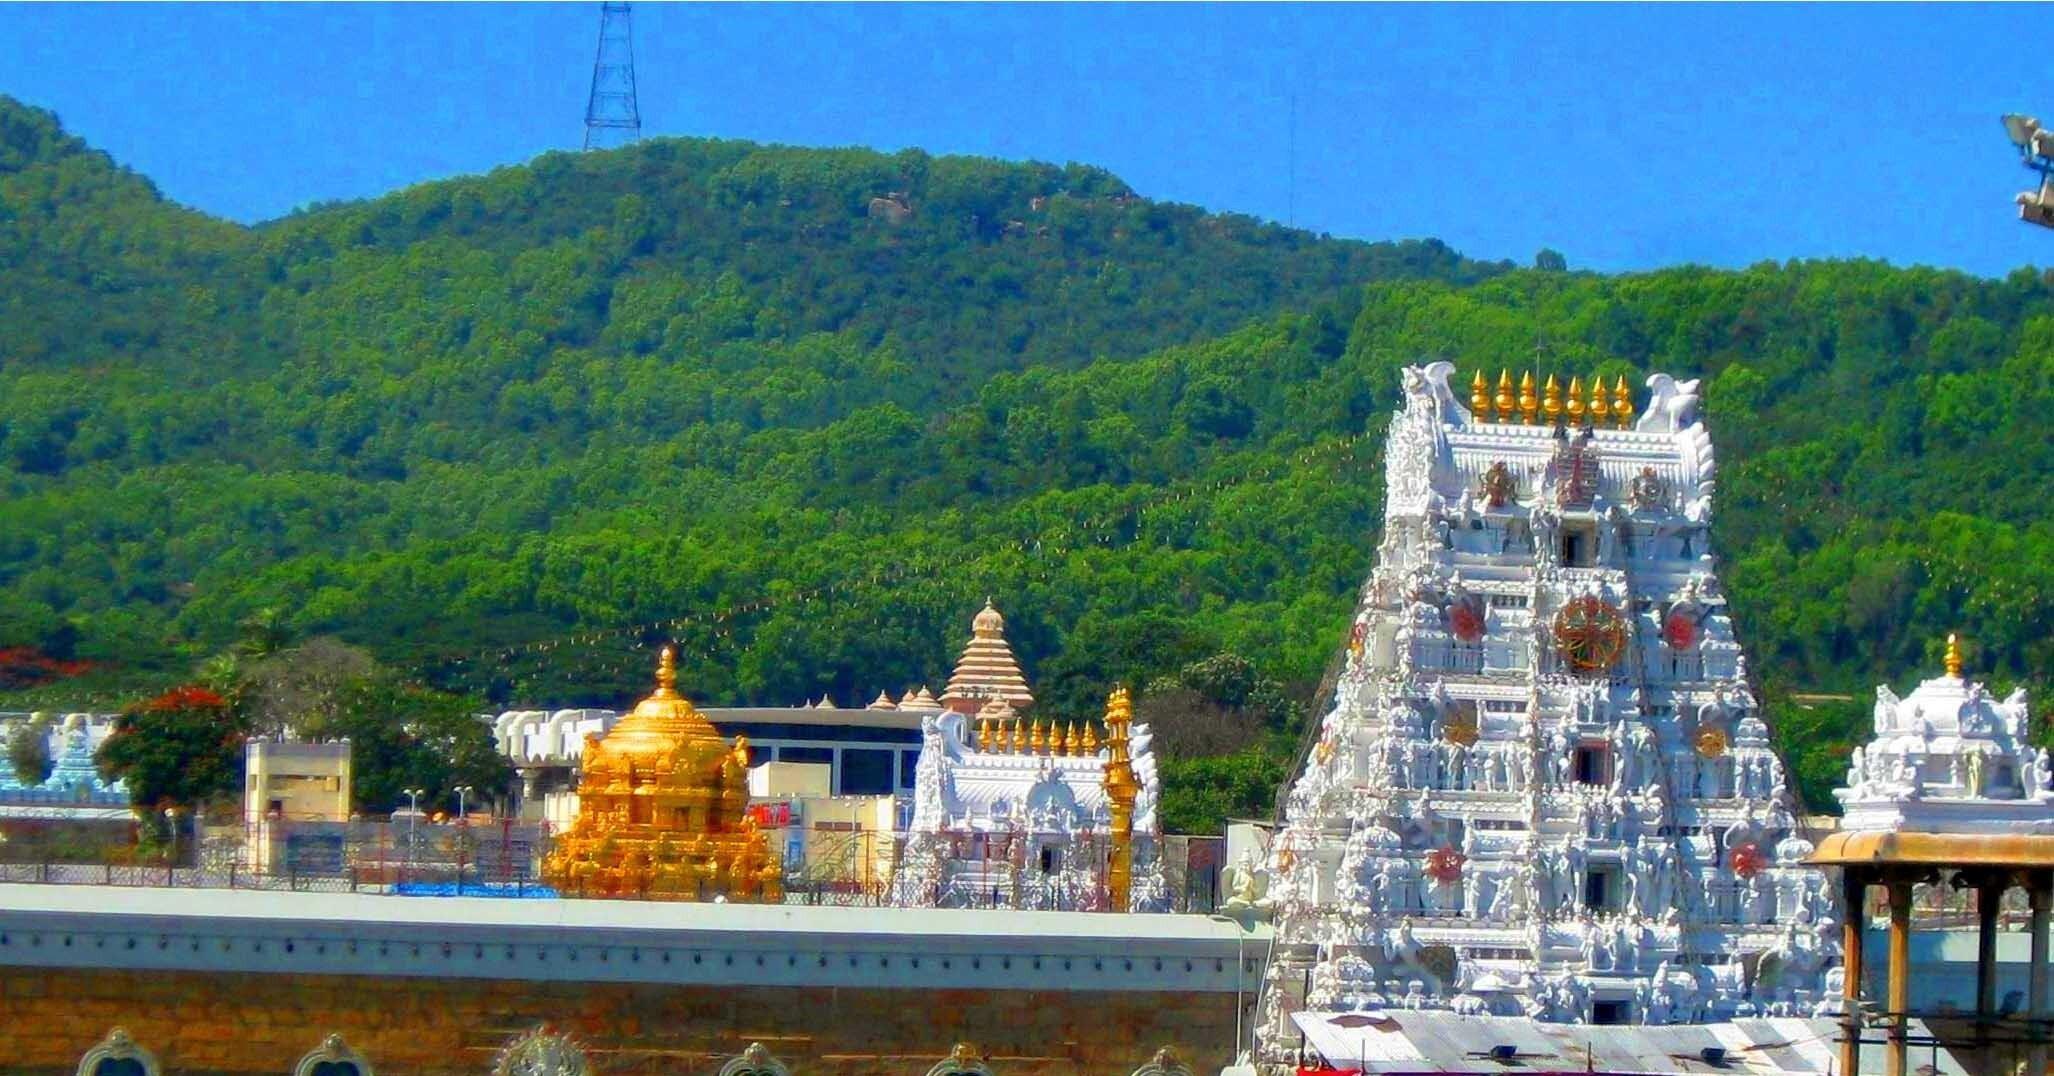 Tirumal Tirupati Balaji Temple Wallpapers For Desktop Hd Wallpapers